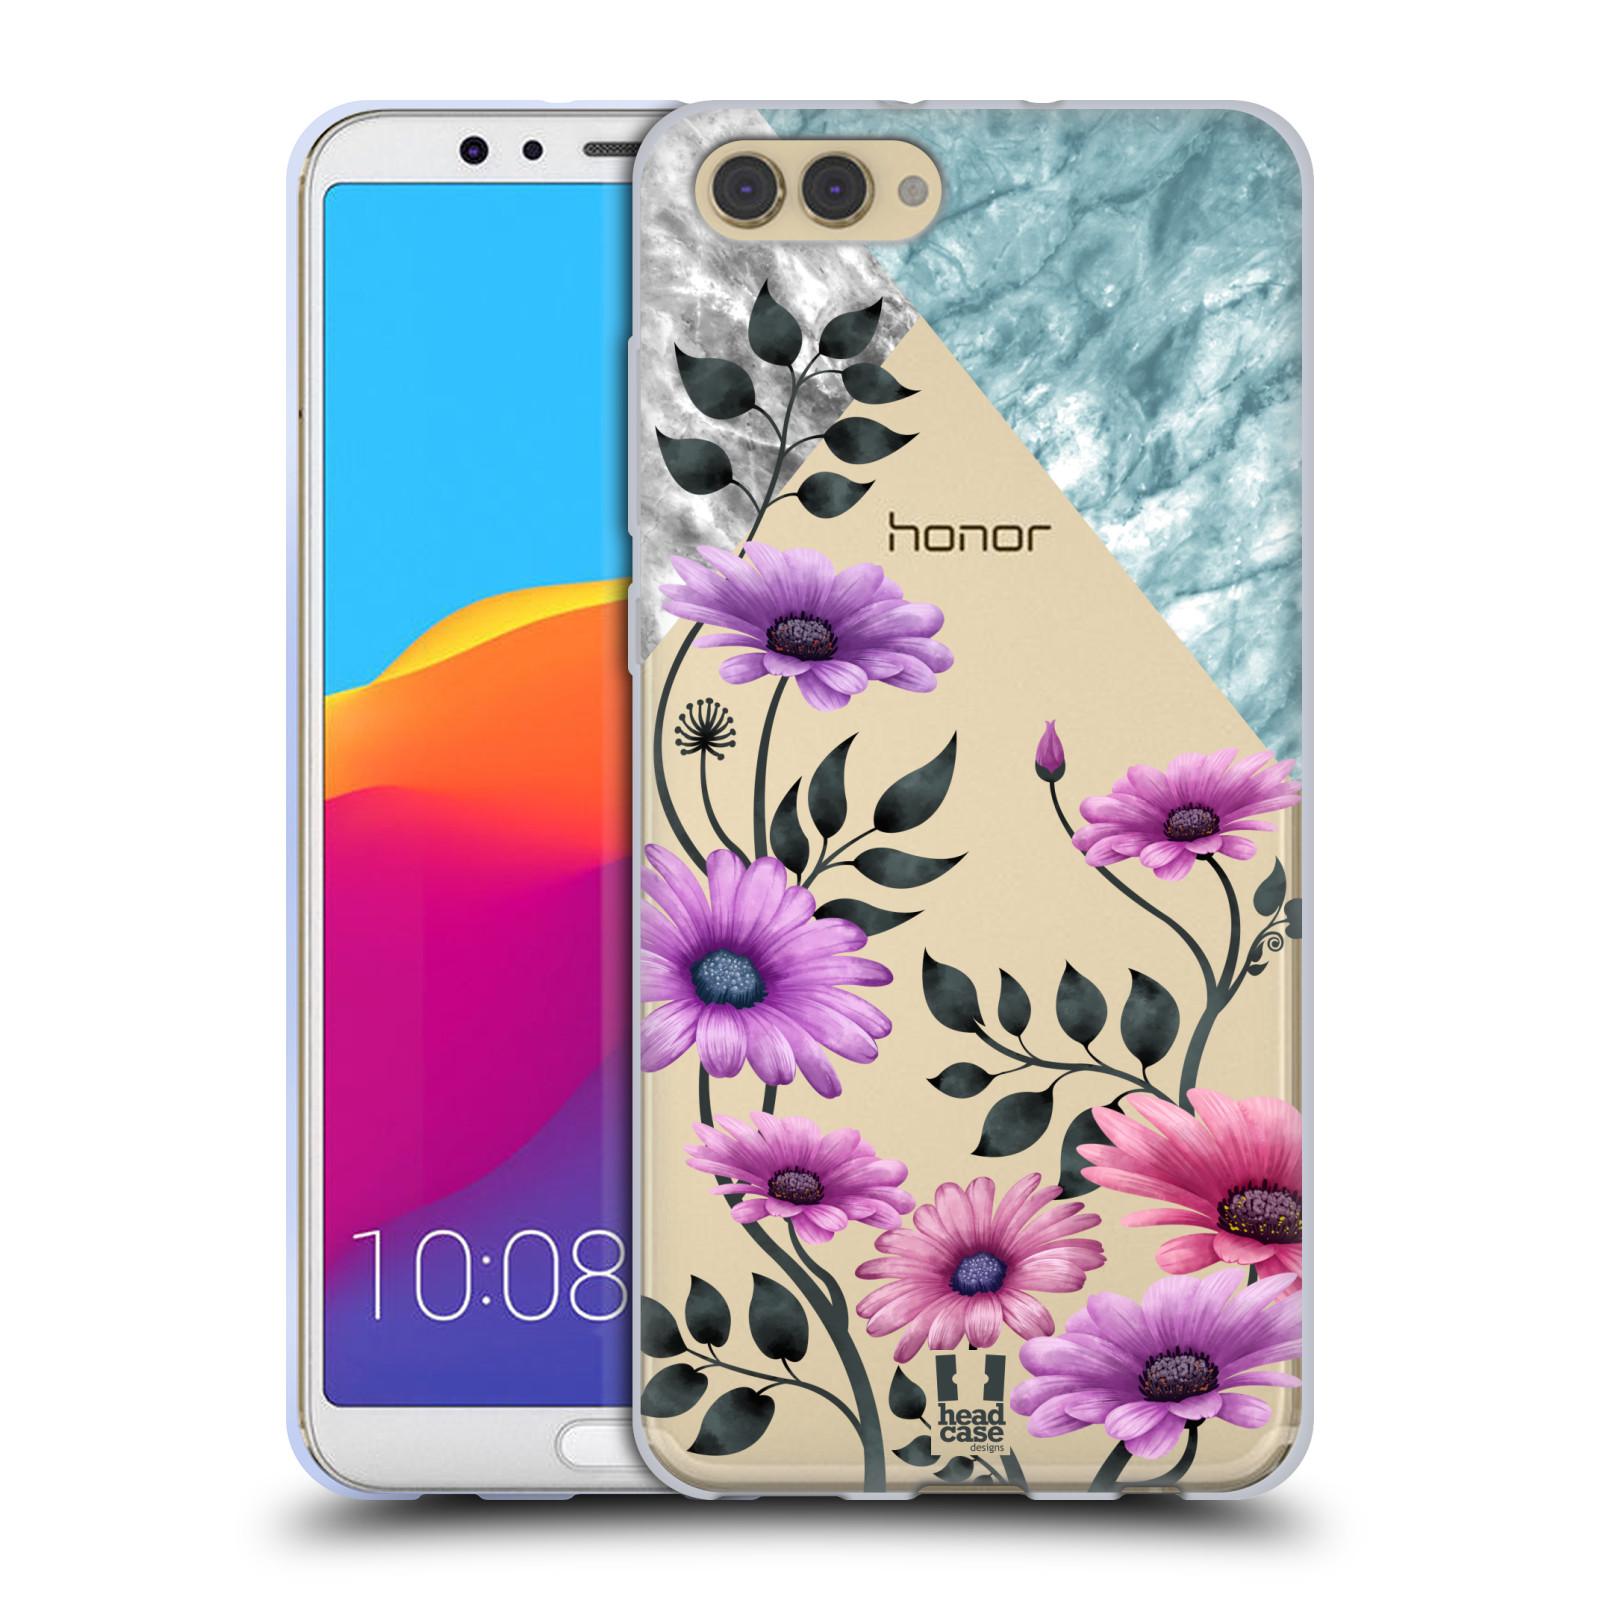 HEAD CASE silikonový obal na mobil Huawei HONOR VIEW 10 / V10 květiny hvězdnice, Aster fialová a modrá